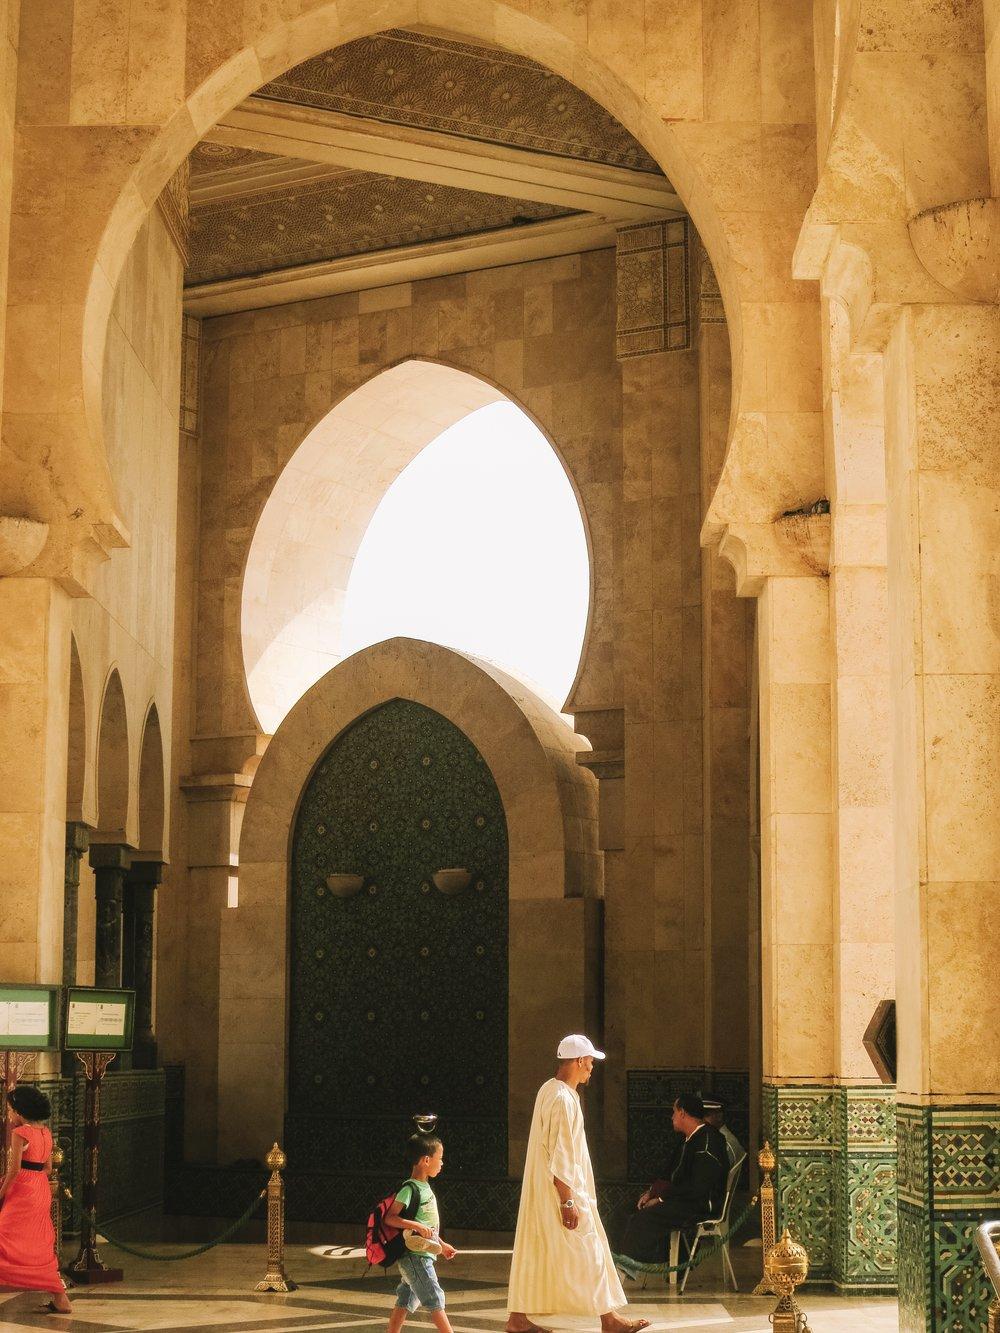 カサブランカカサブランカ - モロッコで一番の都市ということで、ガイドブックでみるようなモロッコらしさは少なからずまめんは、モダンで都会的な空間を示しています。日本からモロッコへのゲートシティ。楽しみます。写真はモロッコで最大、世界でも5番目に大きいモスク「ハッサン2世モスク」。夕日があってなにもロマンティック。お祈りをする人、おしゃべりをする人、ぼんやりしている人、デートしている人、、、時間が穏やかに流れて、皆がのんびり過ぎているのが印象的でした。小さい子が頭にカップをのせて歩いているのがキット!